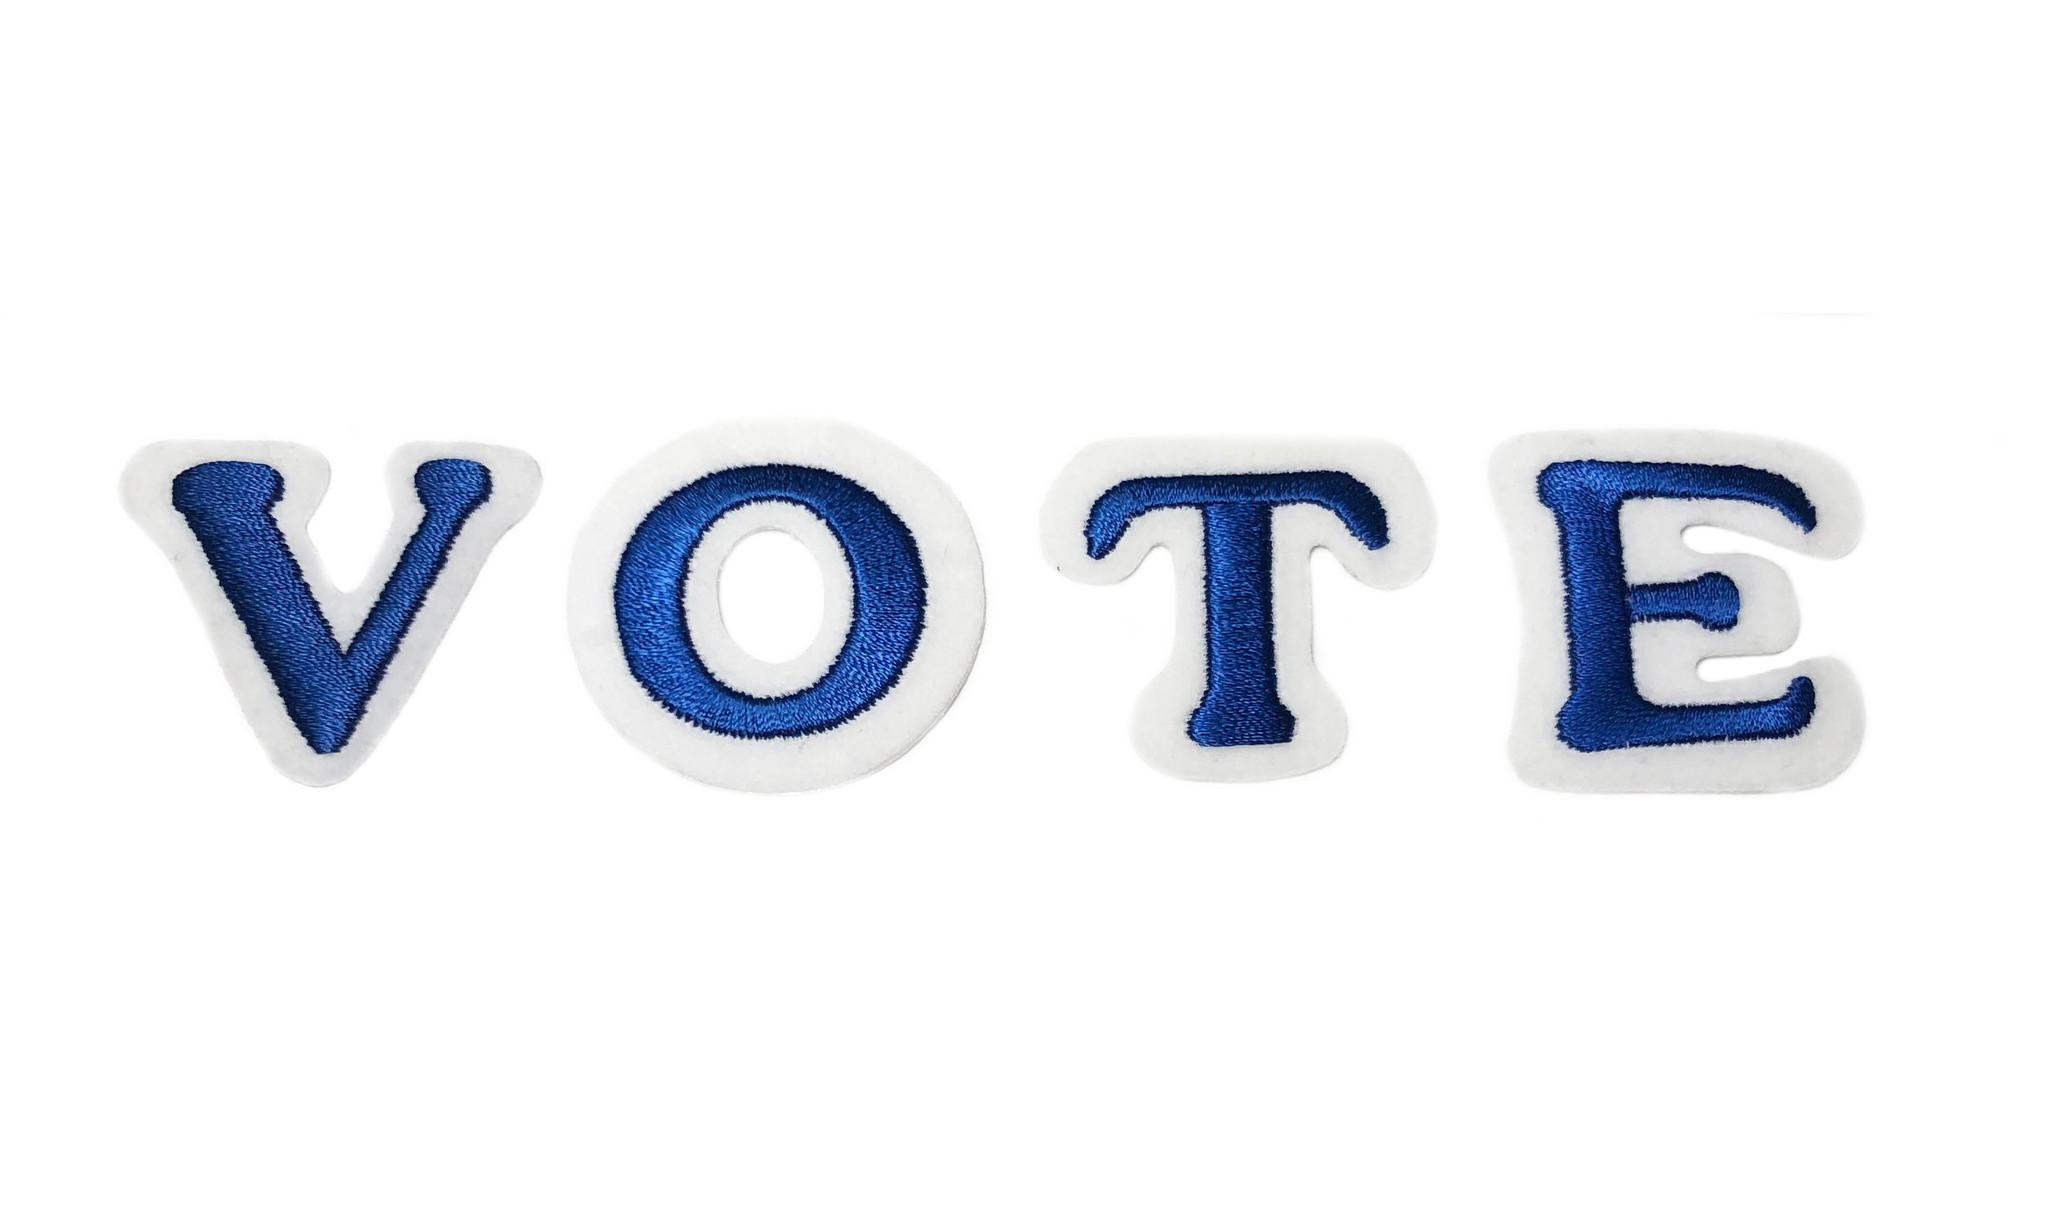 THE SHOP  VOTE CAMPAIGN BLUE-1